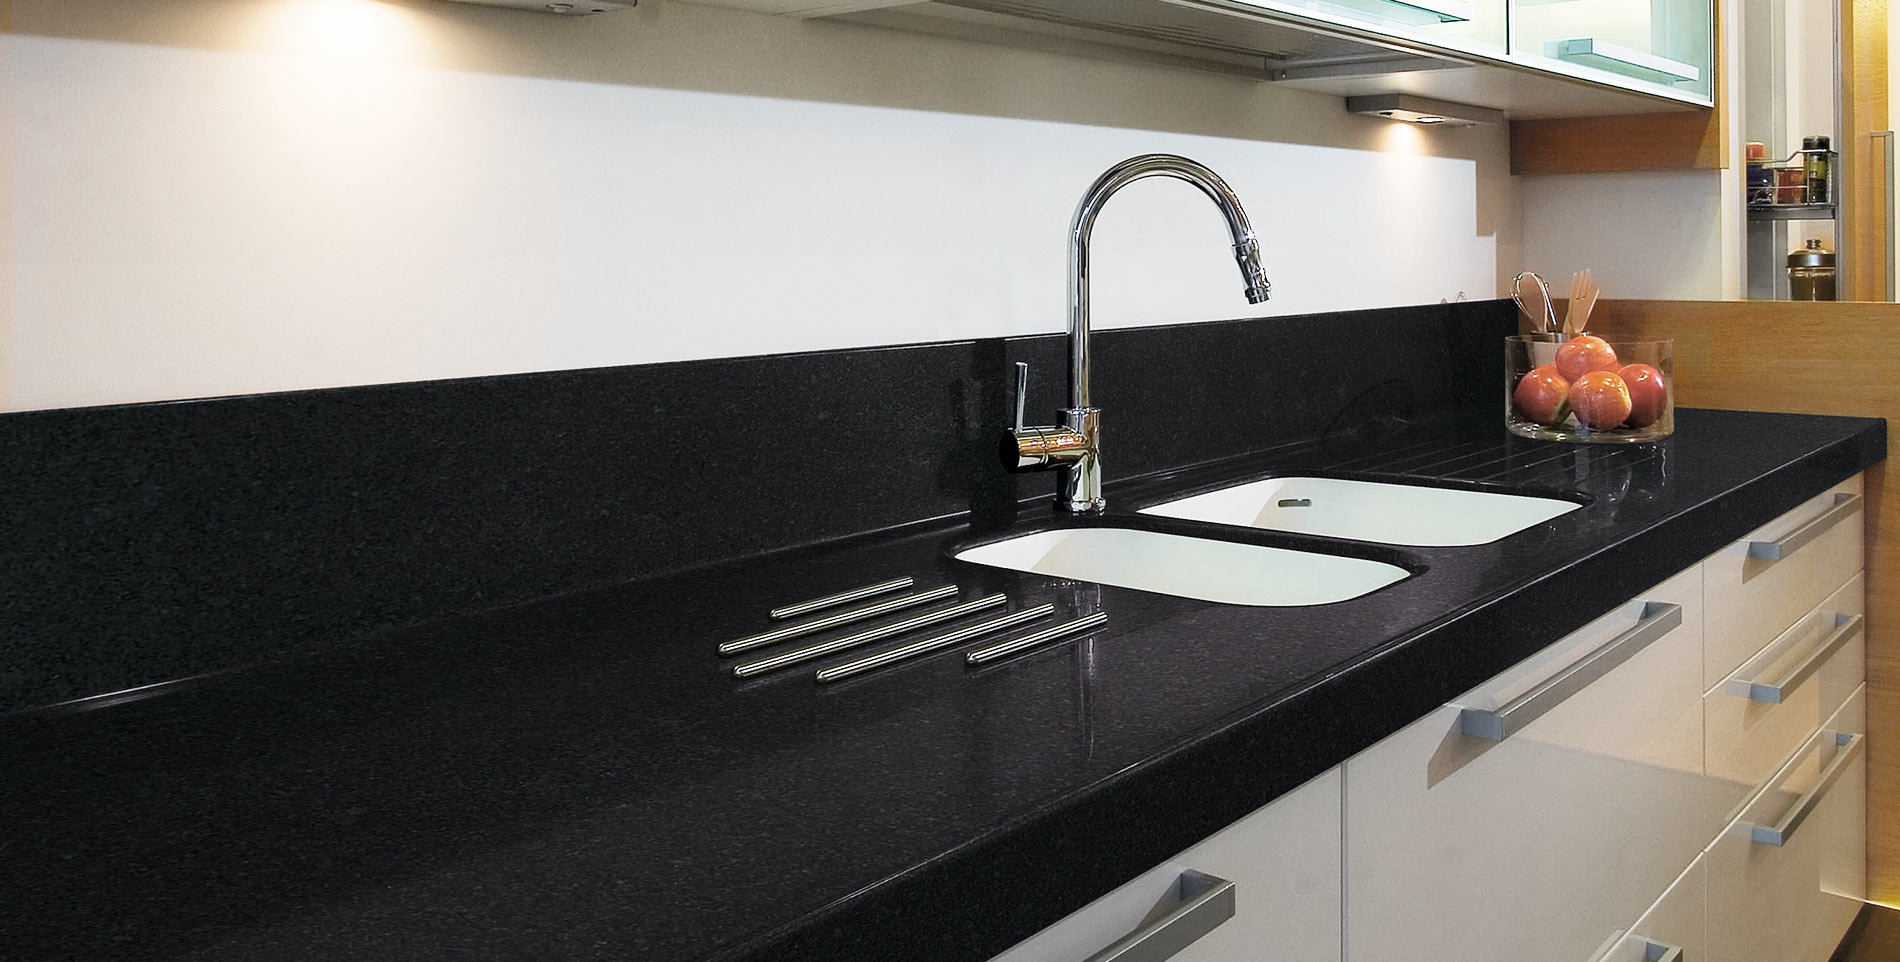 Levantina encimera de cocina negra for Encimeras de cocina de piedra baratas